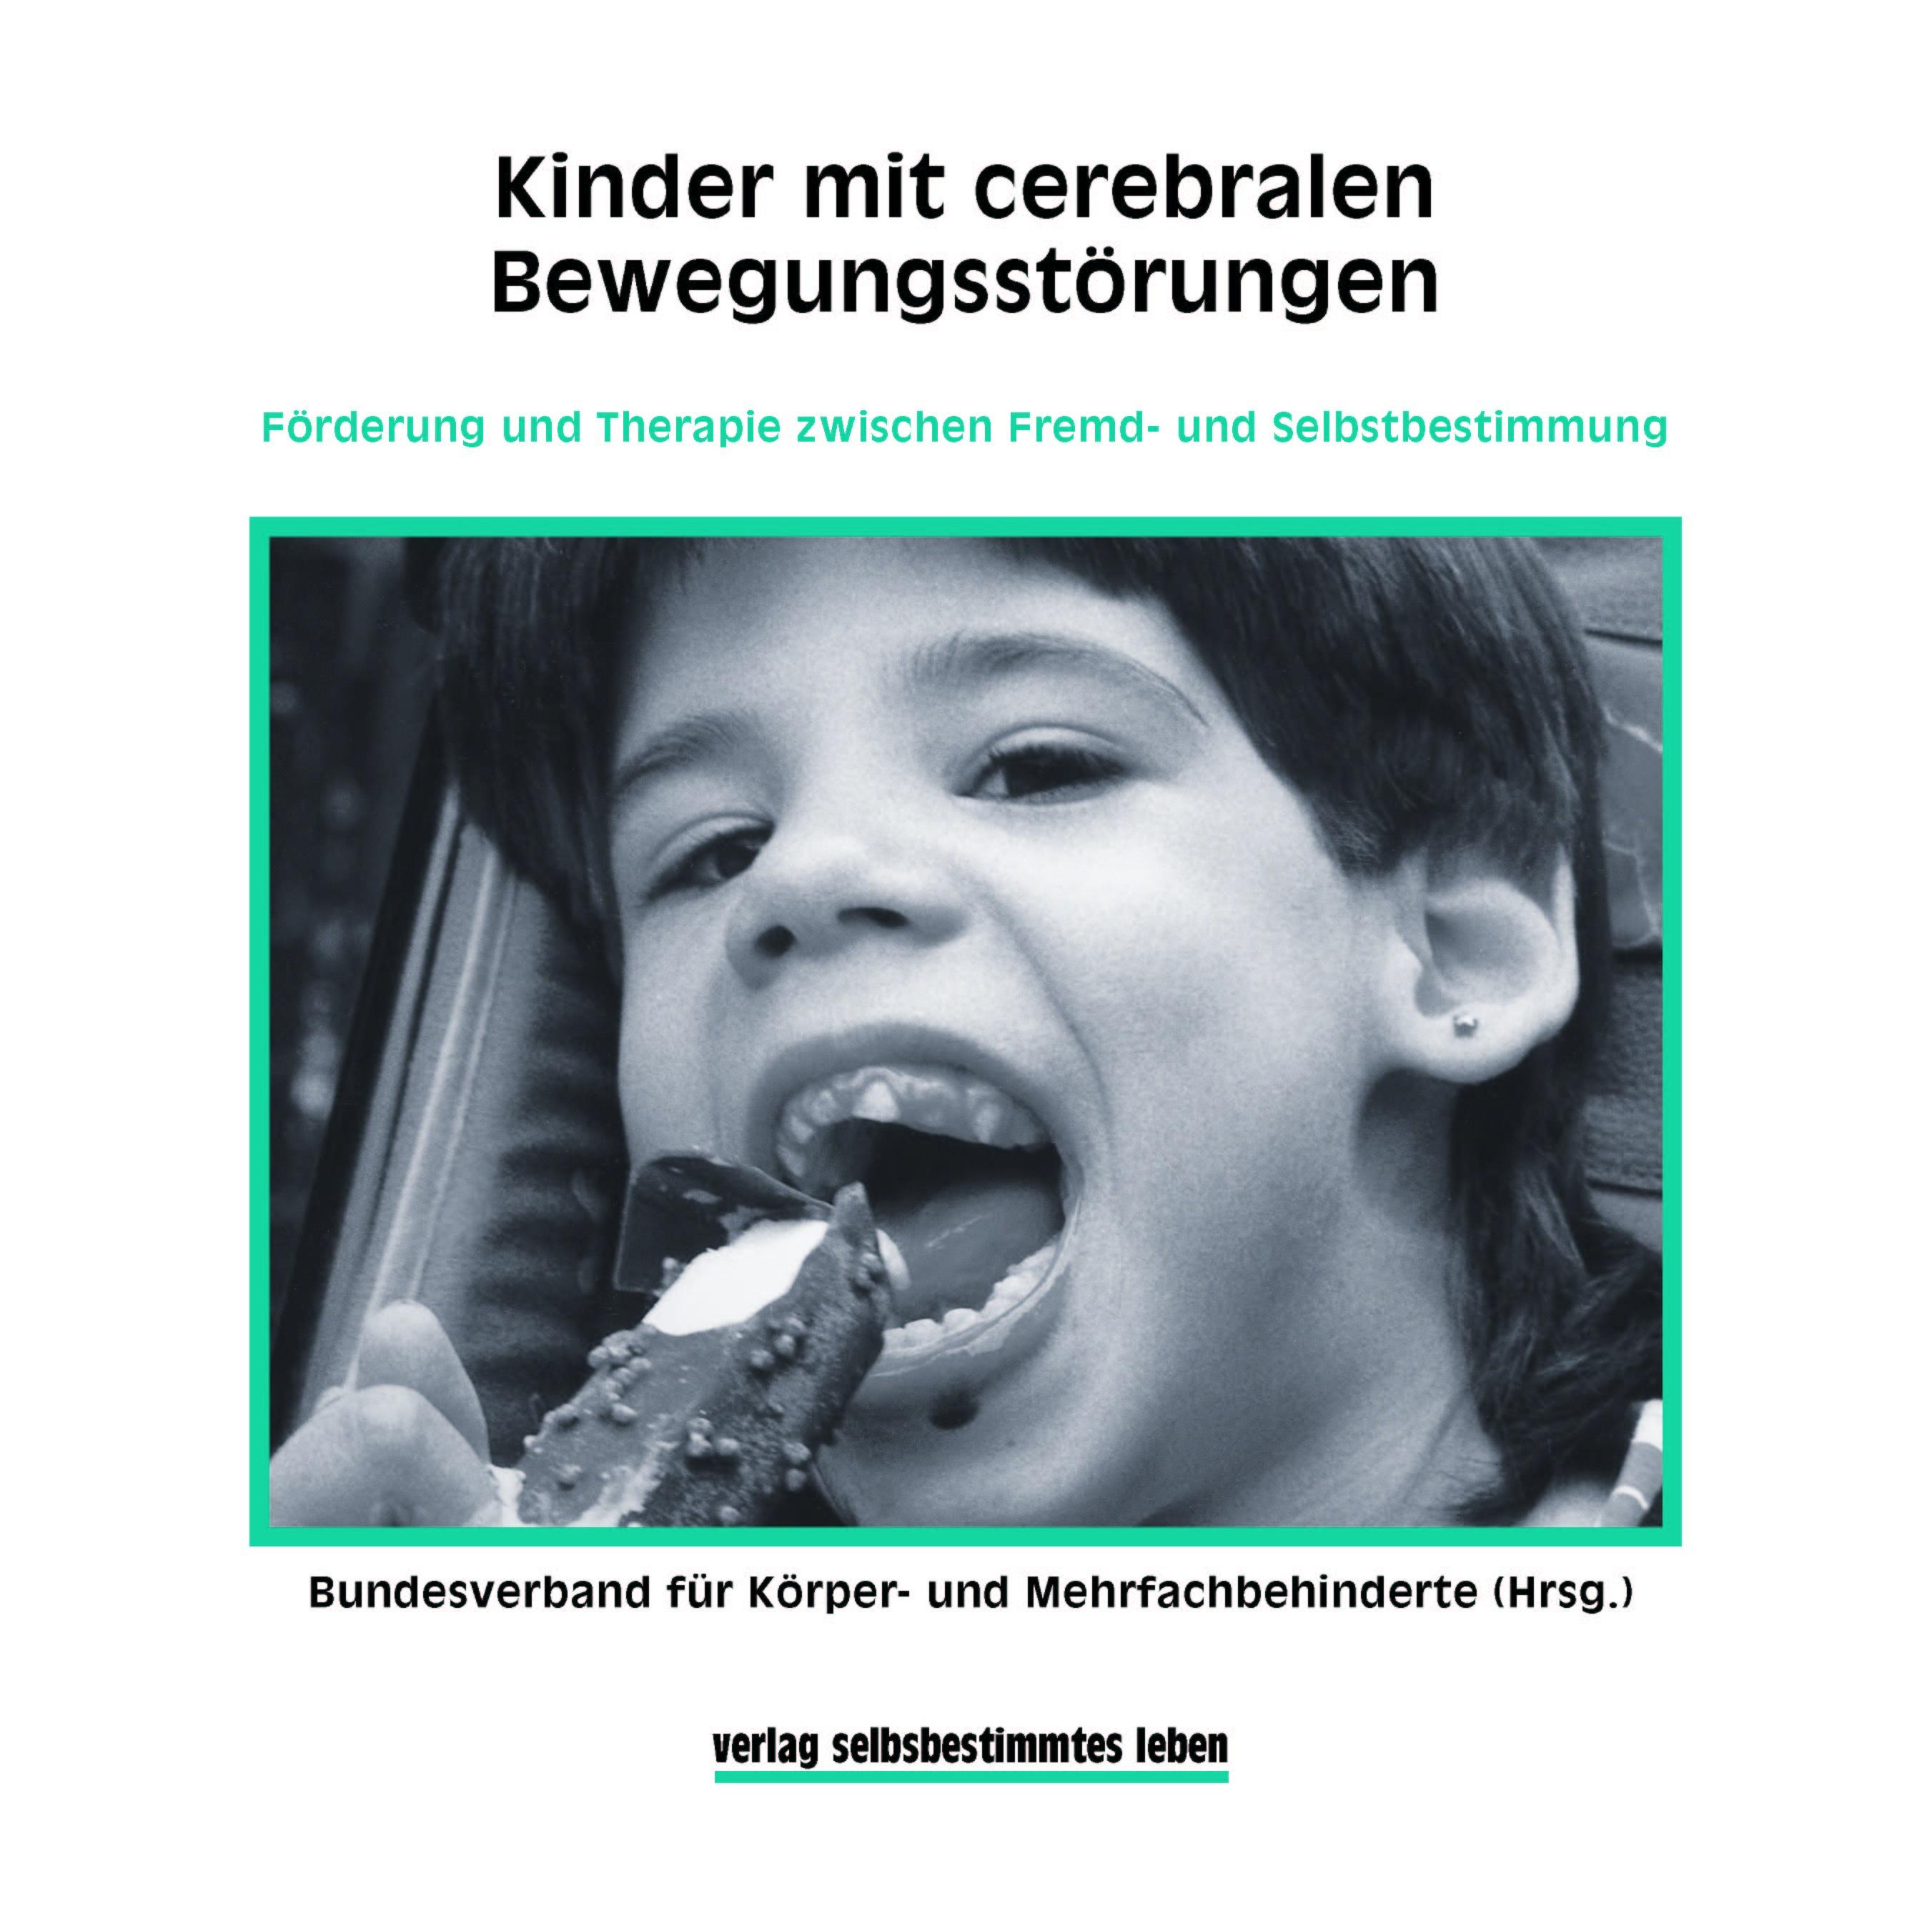 Titelbild Kinder mit cerebralen Bewegungsstörungen VI - Förderung und Therapie zwischen Fremd-und Selbstbestimmung